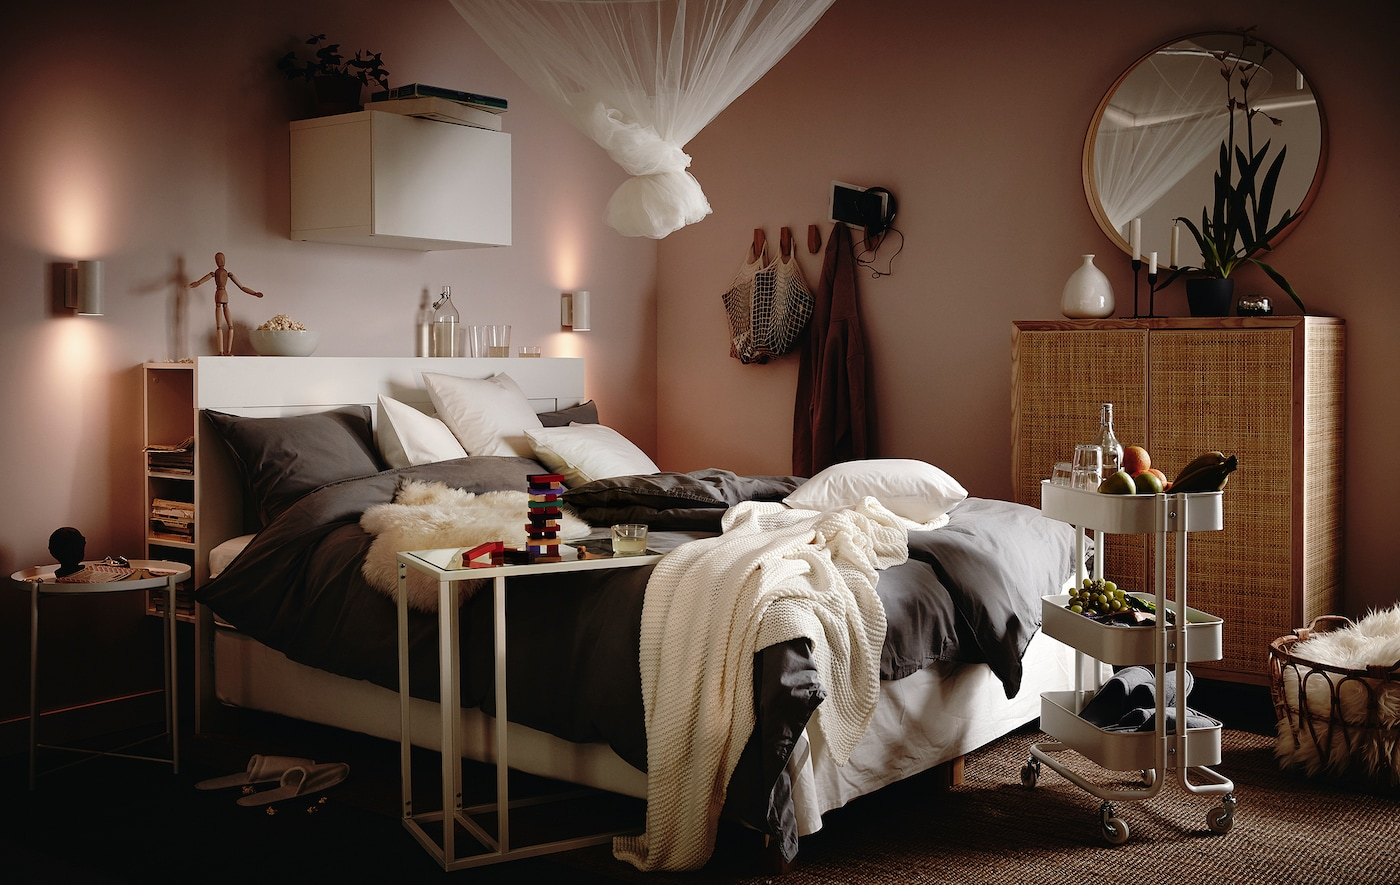 Seng med blødt sengetøj, puder og plaider, et rullebord med snacks og drikkevarer ved siden af sengen og et myggenet bundet op med en knude oven over den.